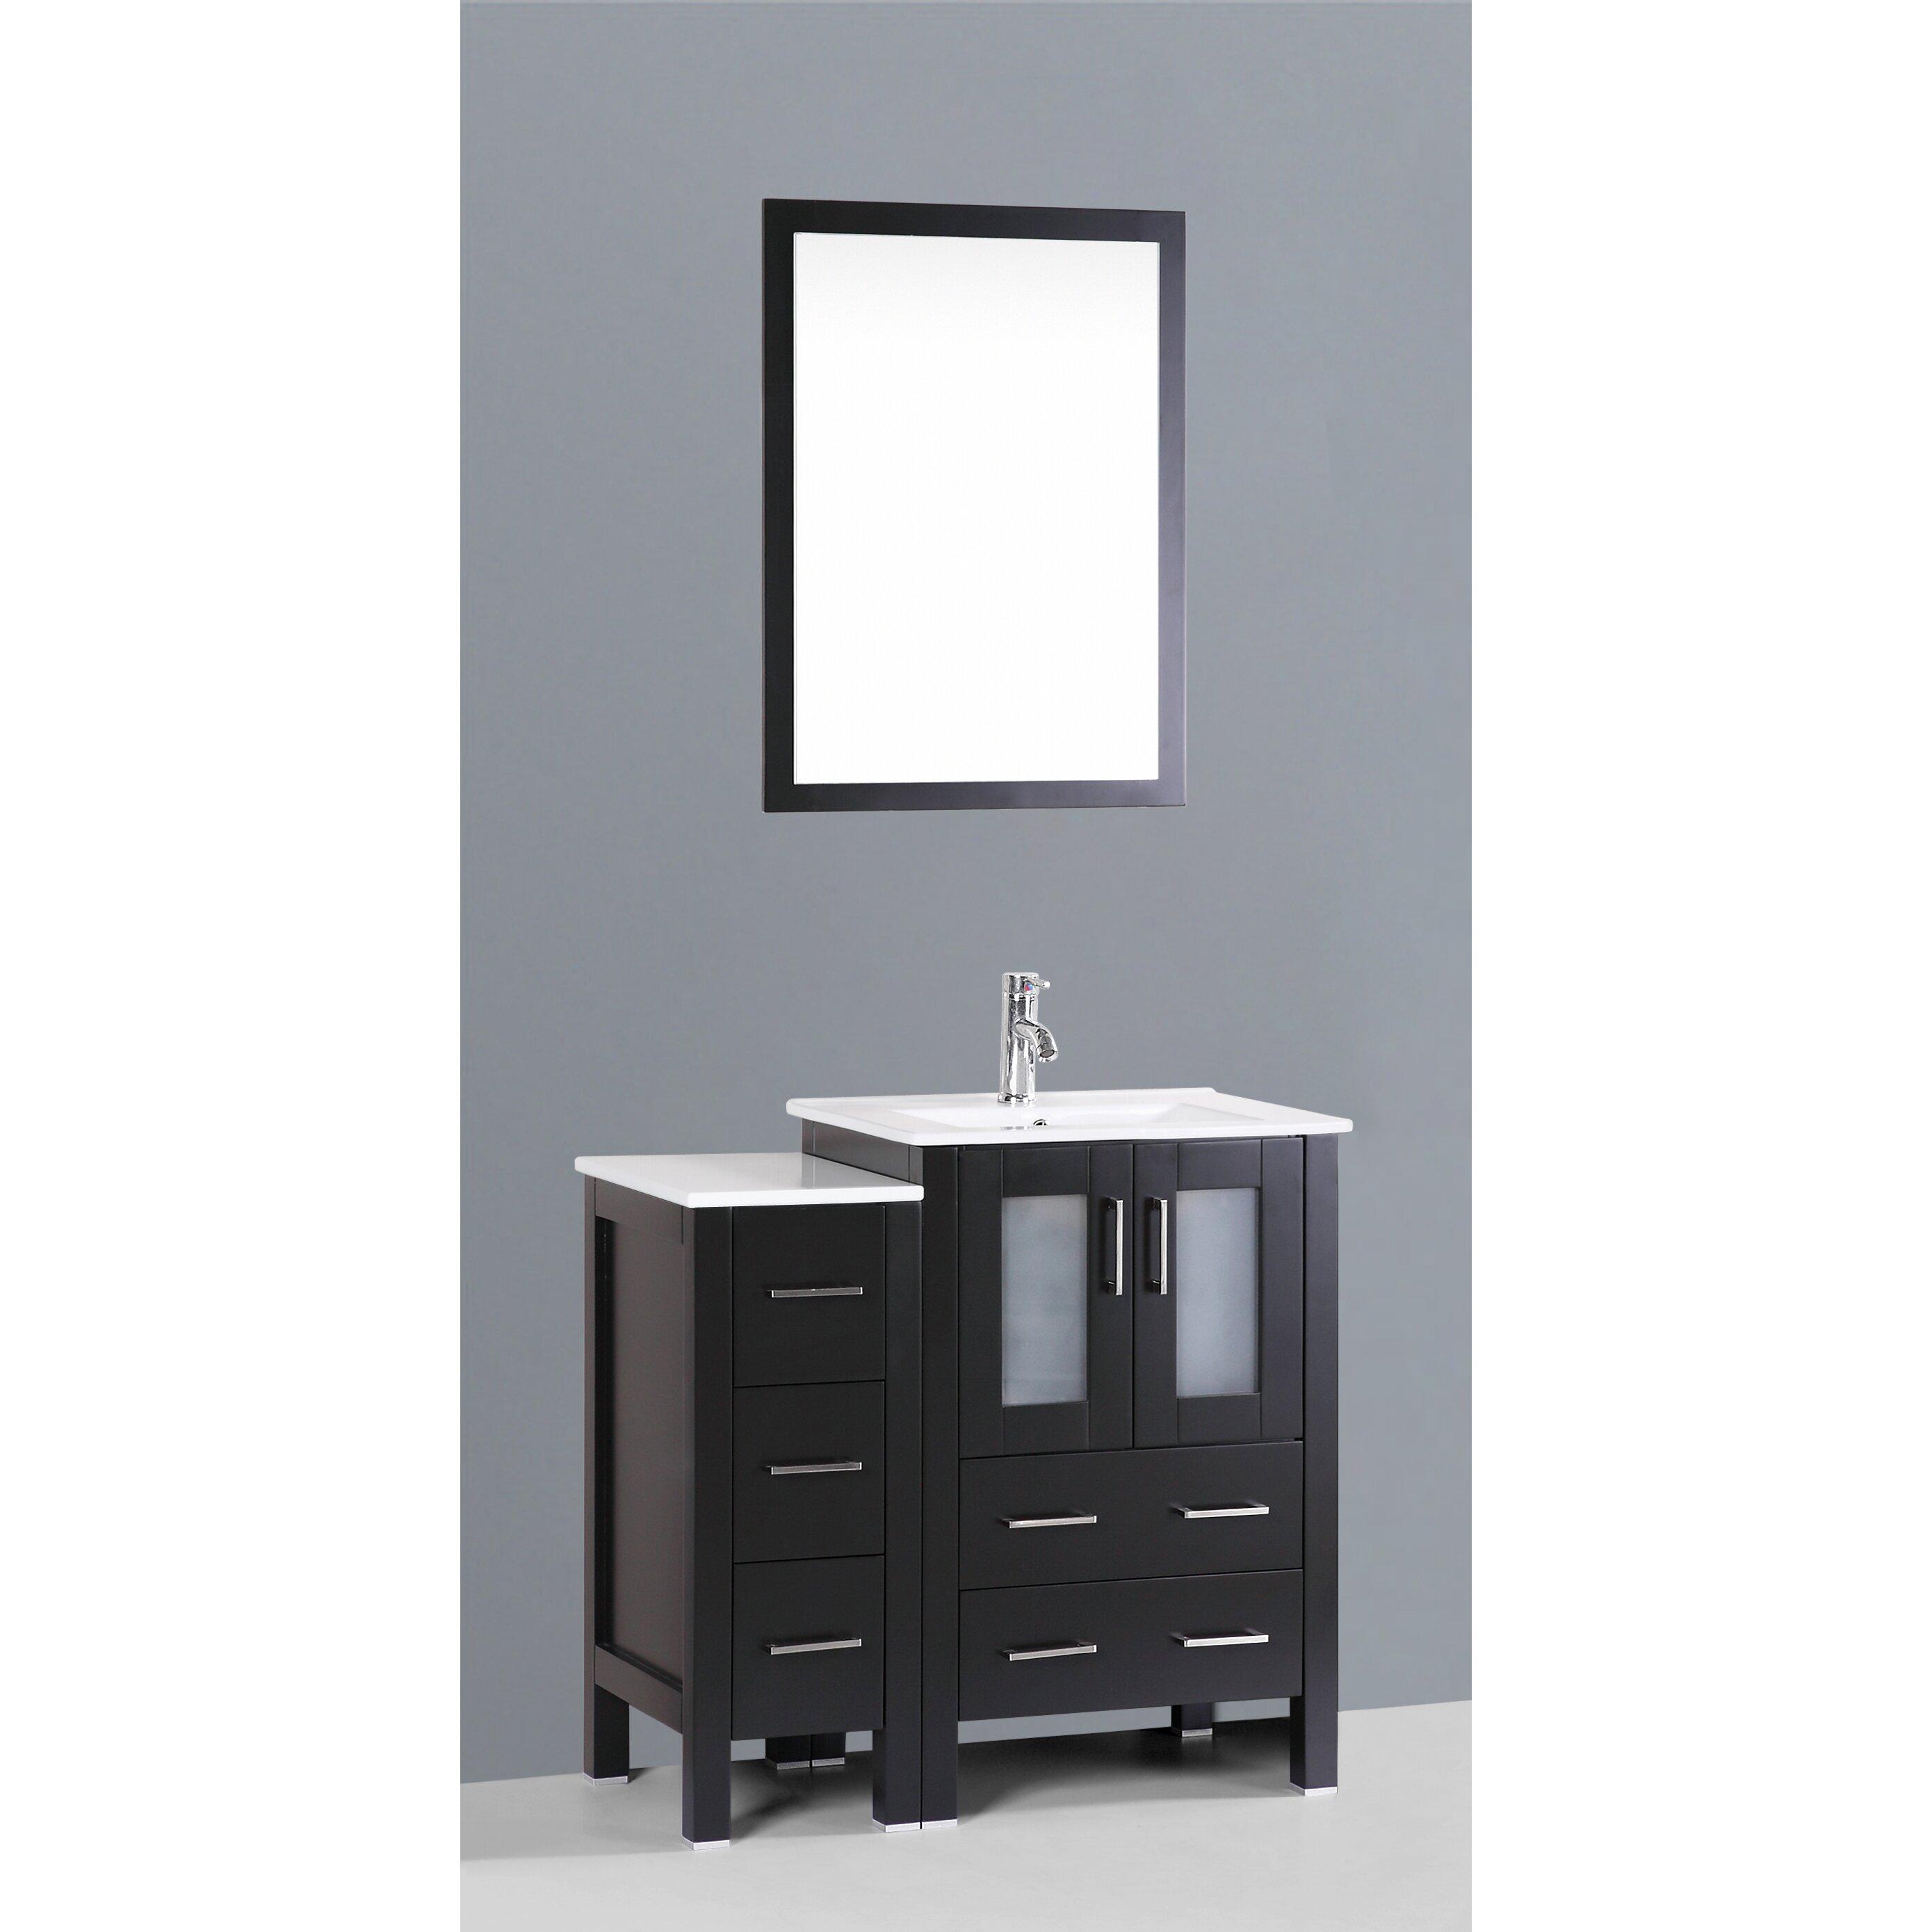 Bosconi contemporary 36 single bathroom vanity set with for Bathroom mirror set